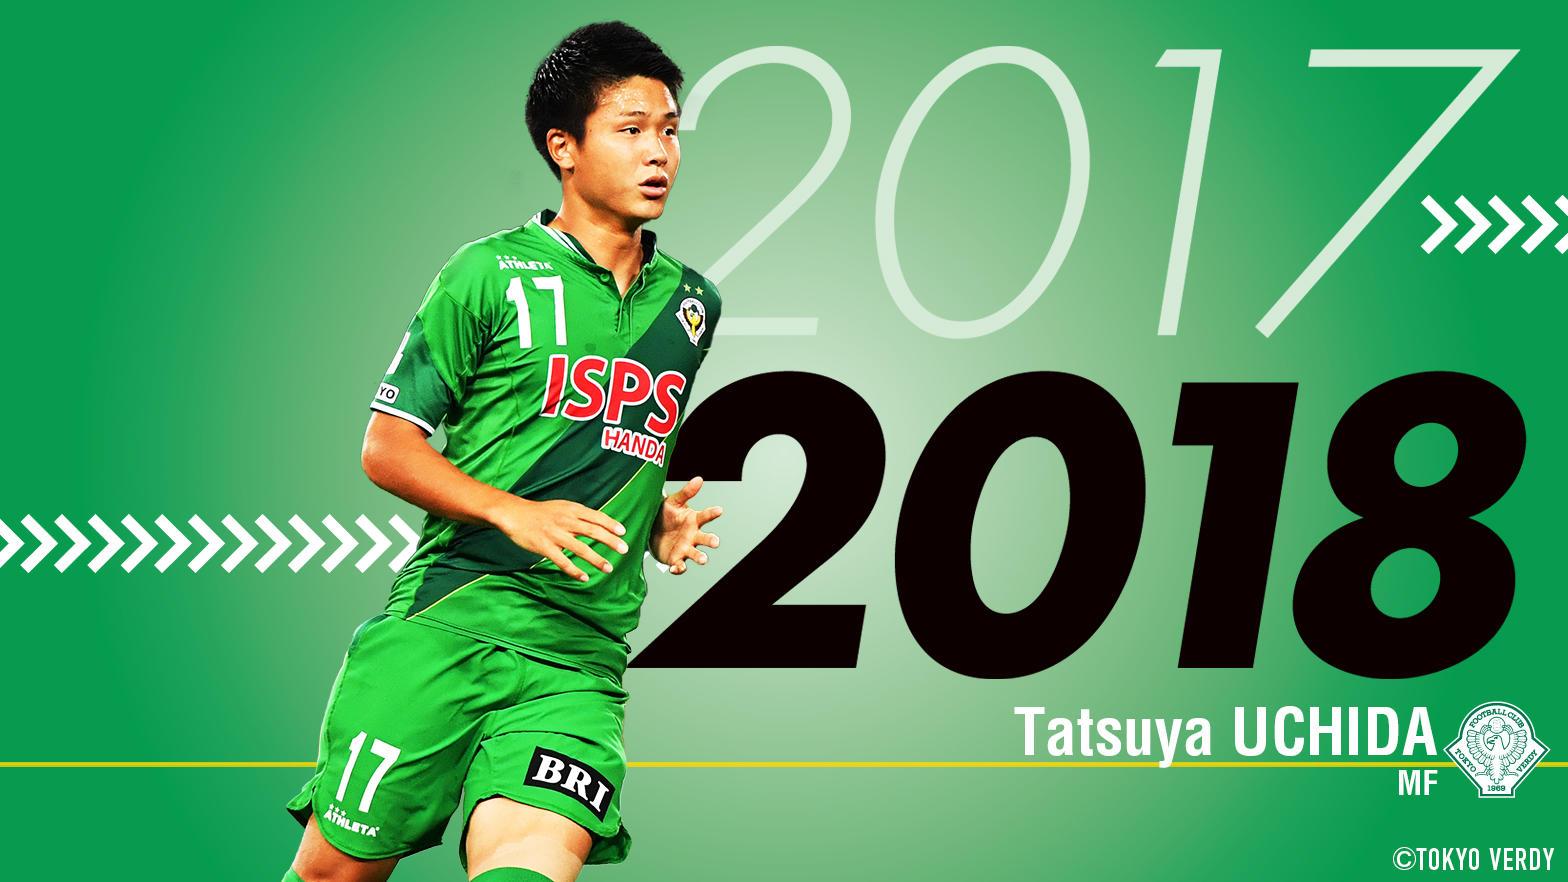 2017uchida_t_koushin.jpg